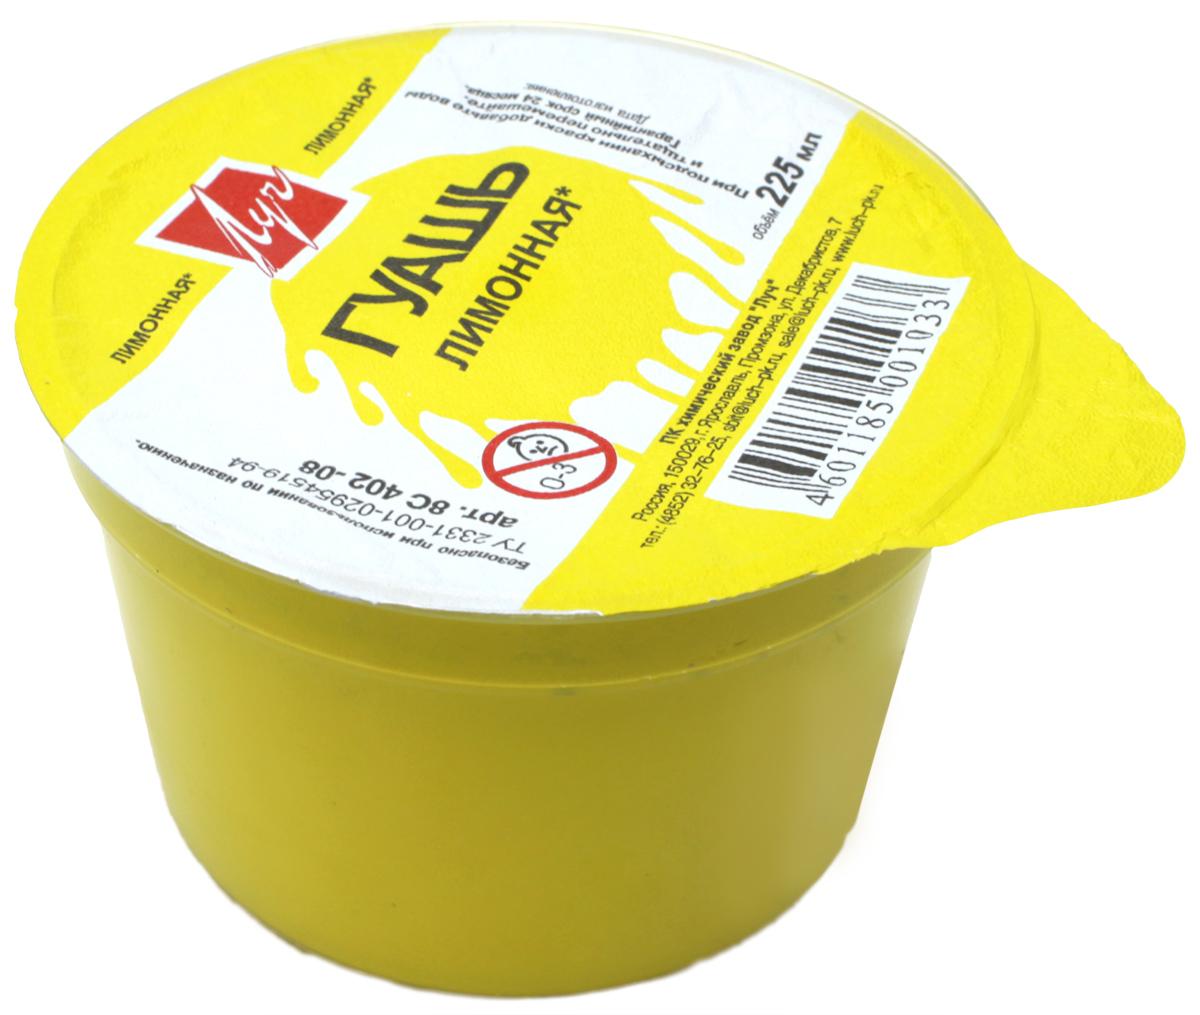 Луч Гуашь цвет лимонный 225 млFS-54103Гуашевая краска идеальна для живописных, декоративных работ и графики. Она легко наносится на бумагу, картон и грунтованный холст. При высыхании приобретает бархатистую поверхность и легко размывается водой. Прозрачная, водоразбавляемая, быстро сохнет.Масса: 320 г.